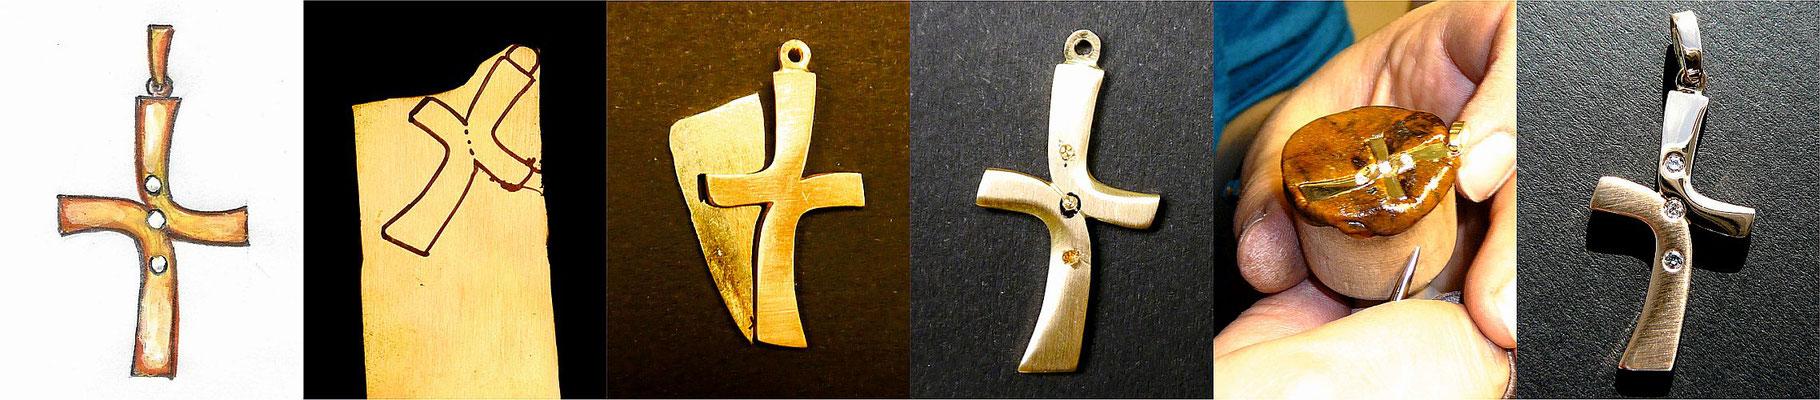 Kreuz-Anfertigung aus Goldblech mit 2 Brillanten, verschieden poliert